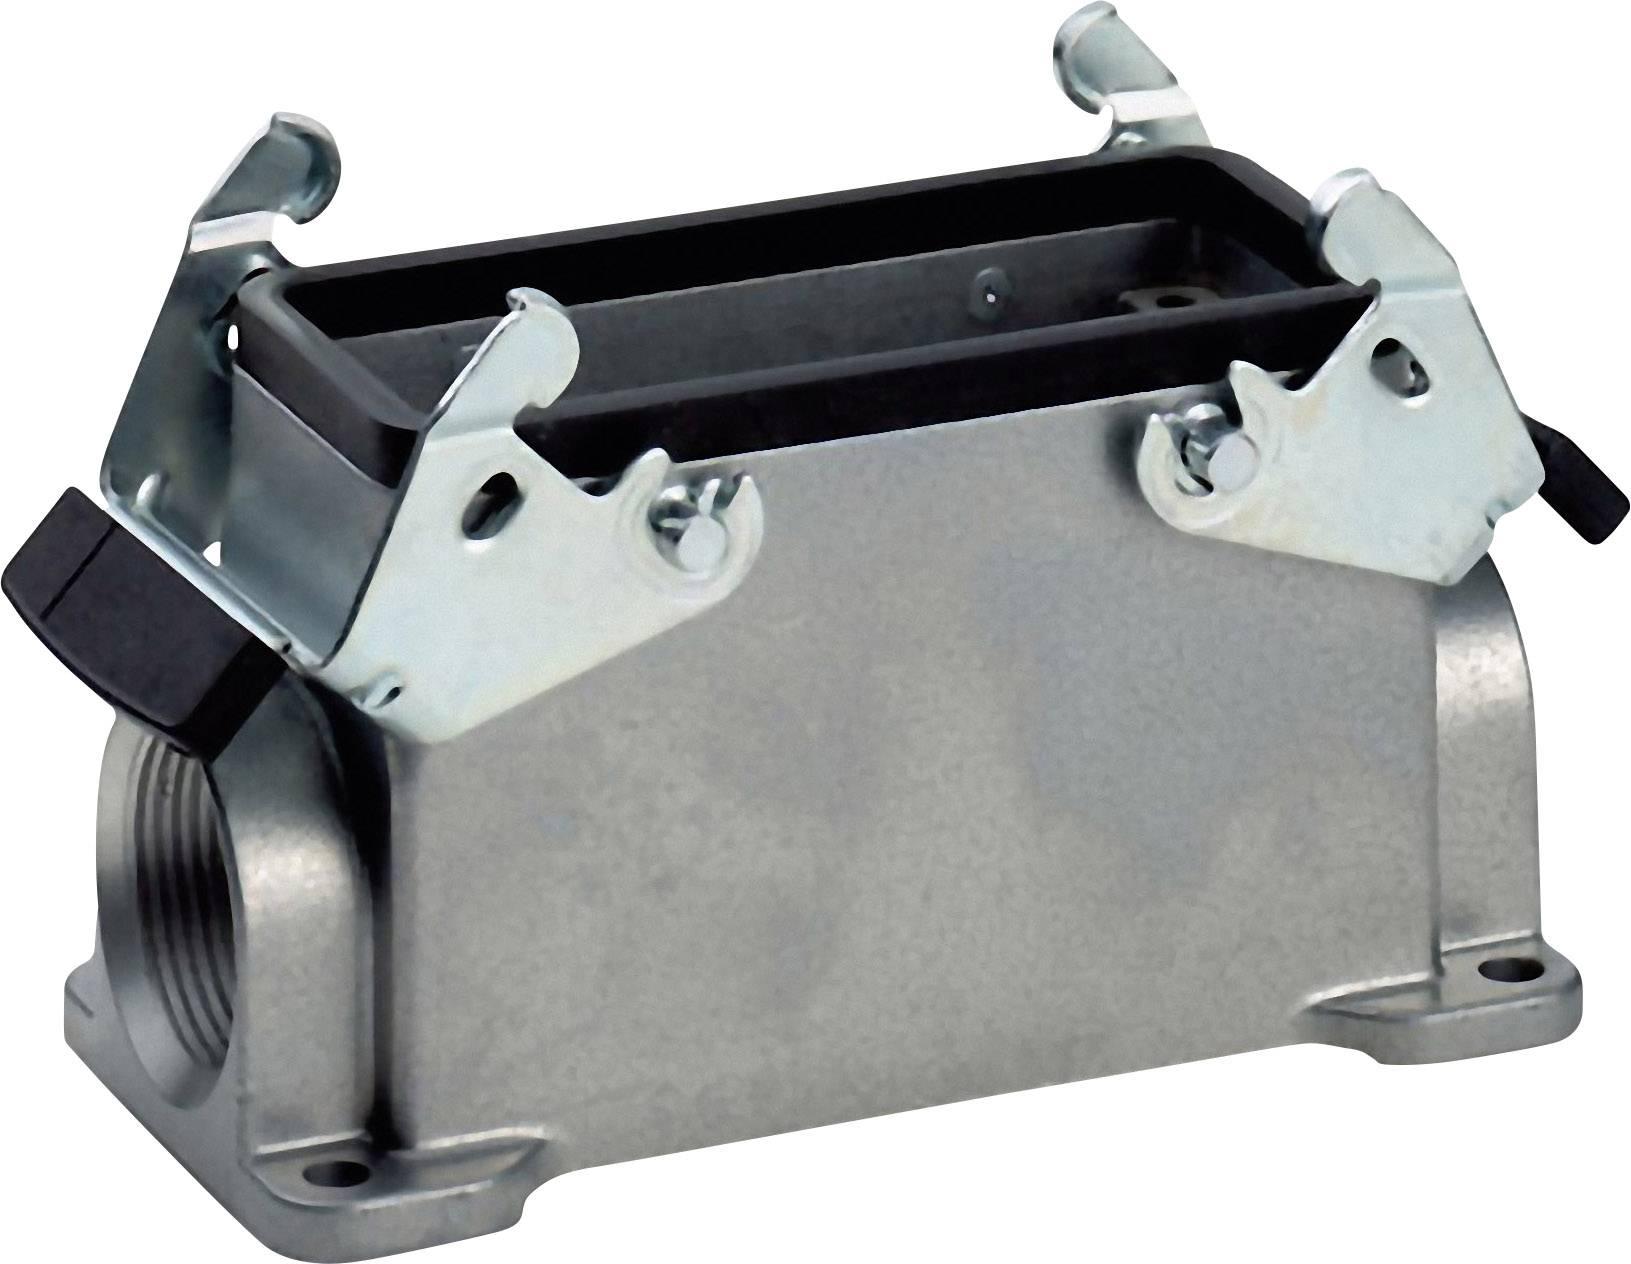 LappKabel EPIC® H-B 16 SGR M25 (19074000), M 25, IP65, šedá